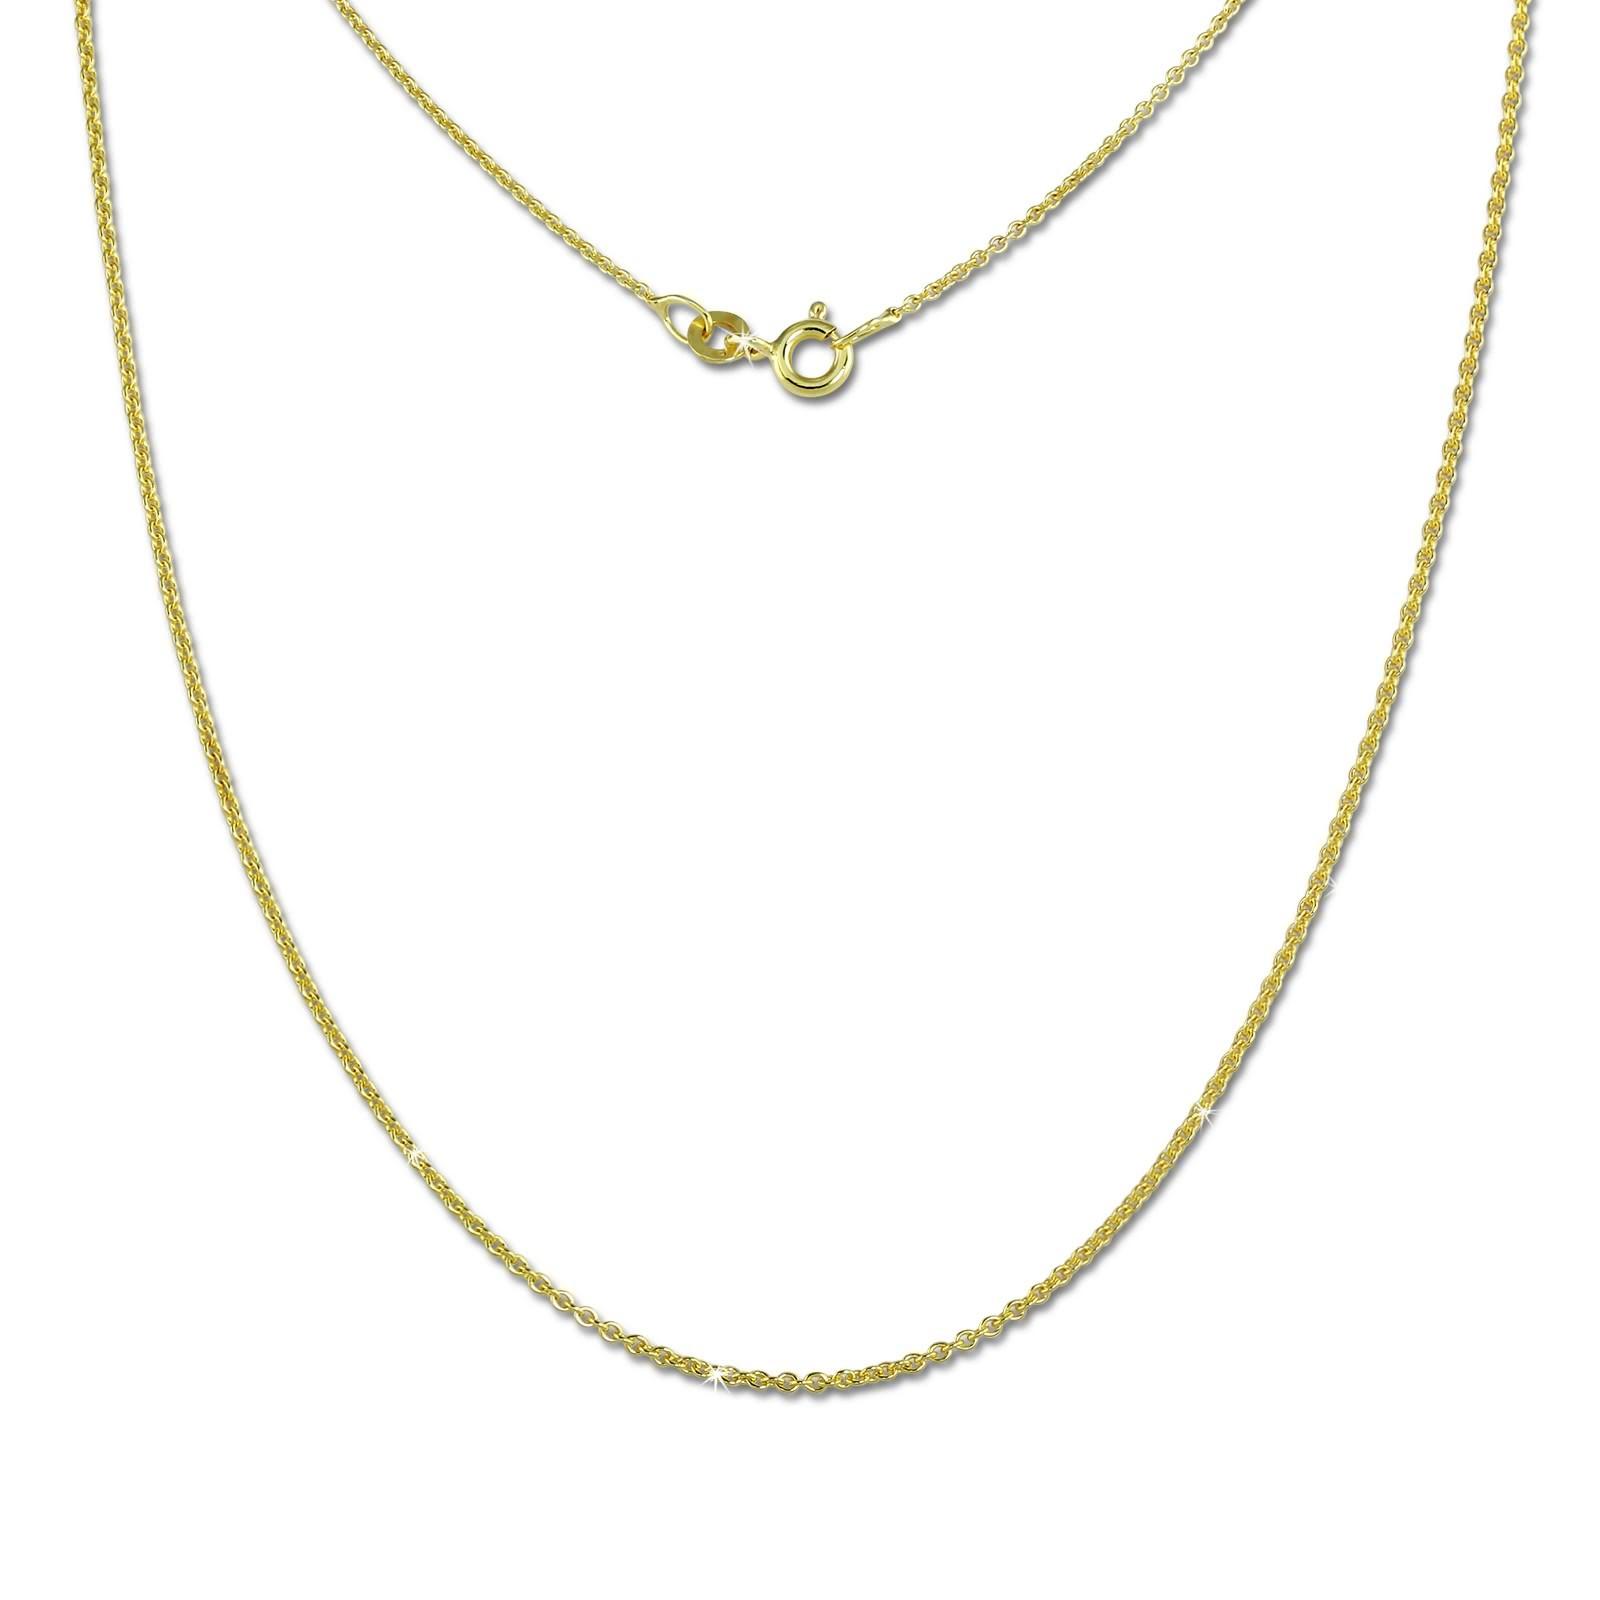 SilberDream Collier Kette Anker rund 333 Gold Damen 42cm 8 Karat GDK00845Y